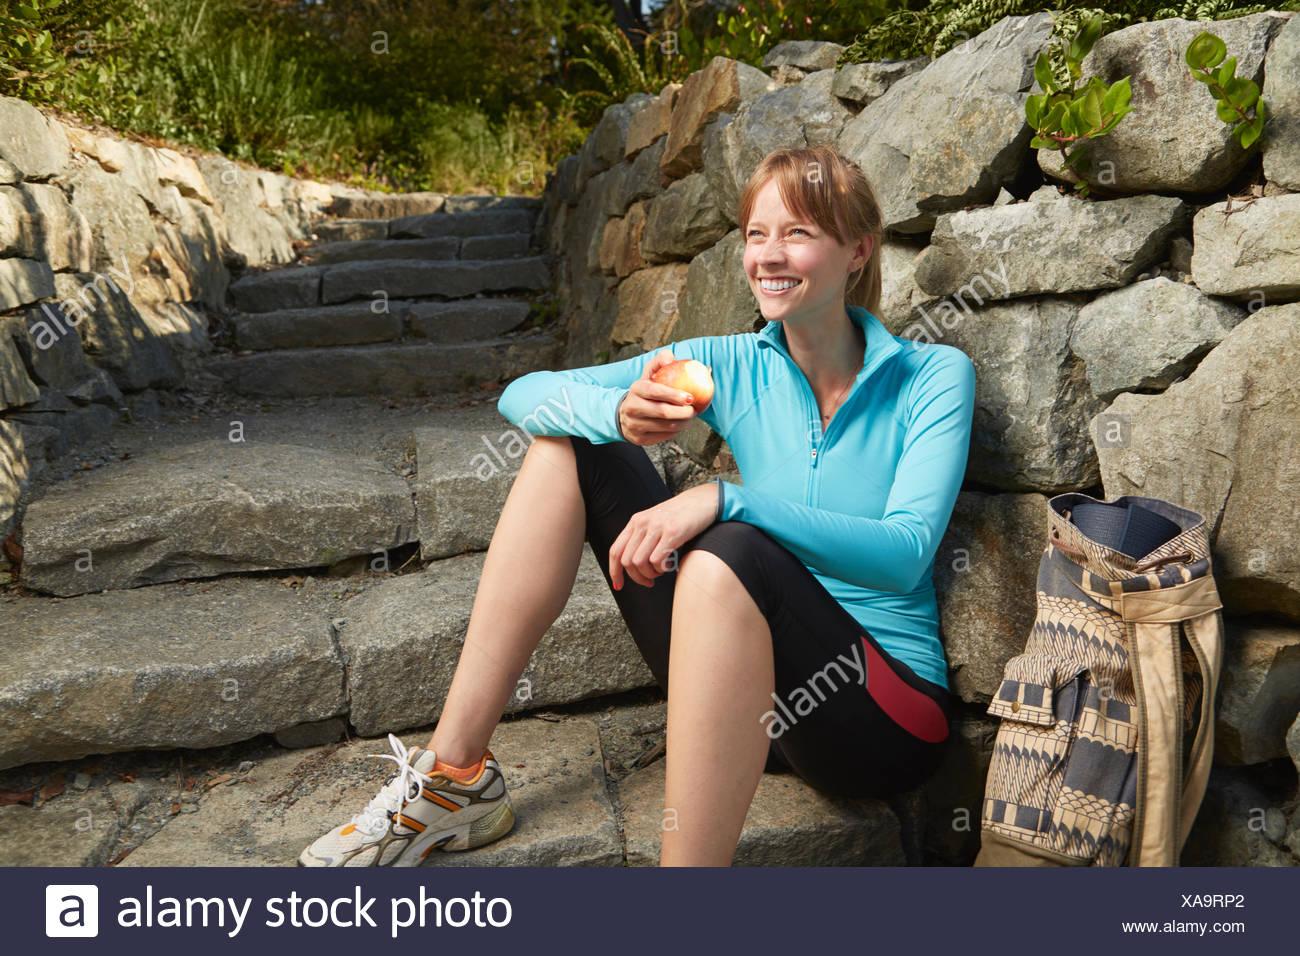 Mitad hembra adulta runner tomando un descanso en el parque comiendo una manzana Imagen De Stock